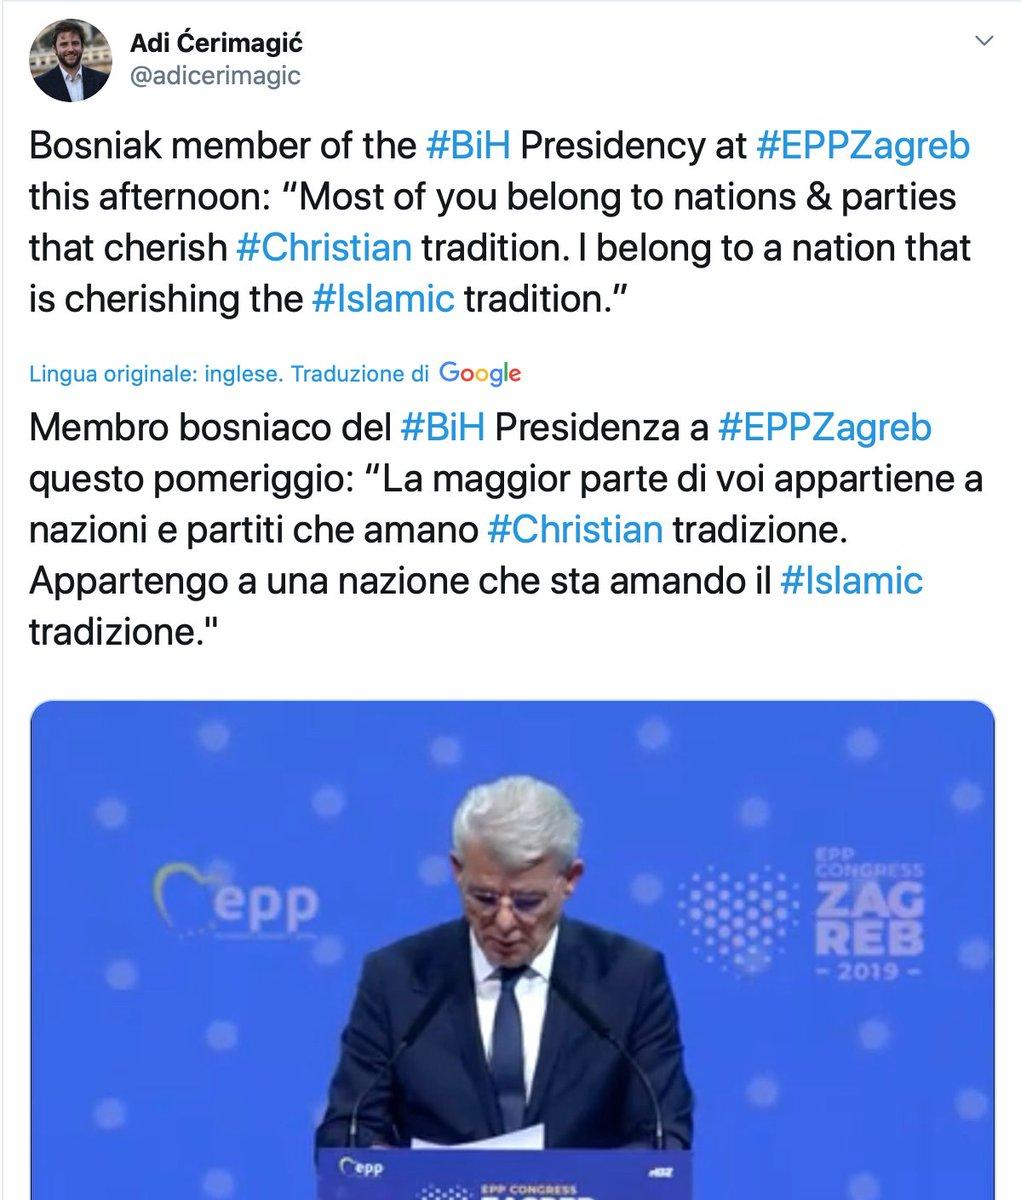 #EPPZagreb